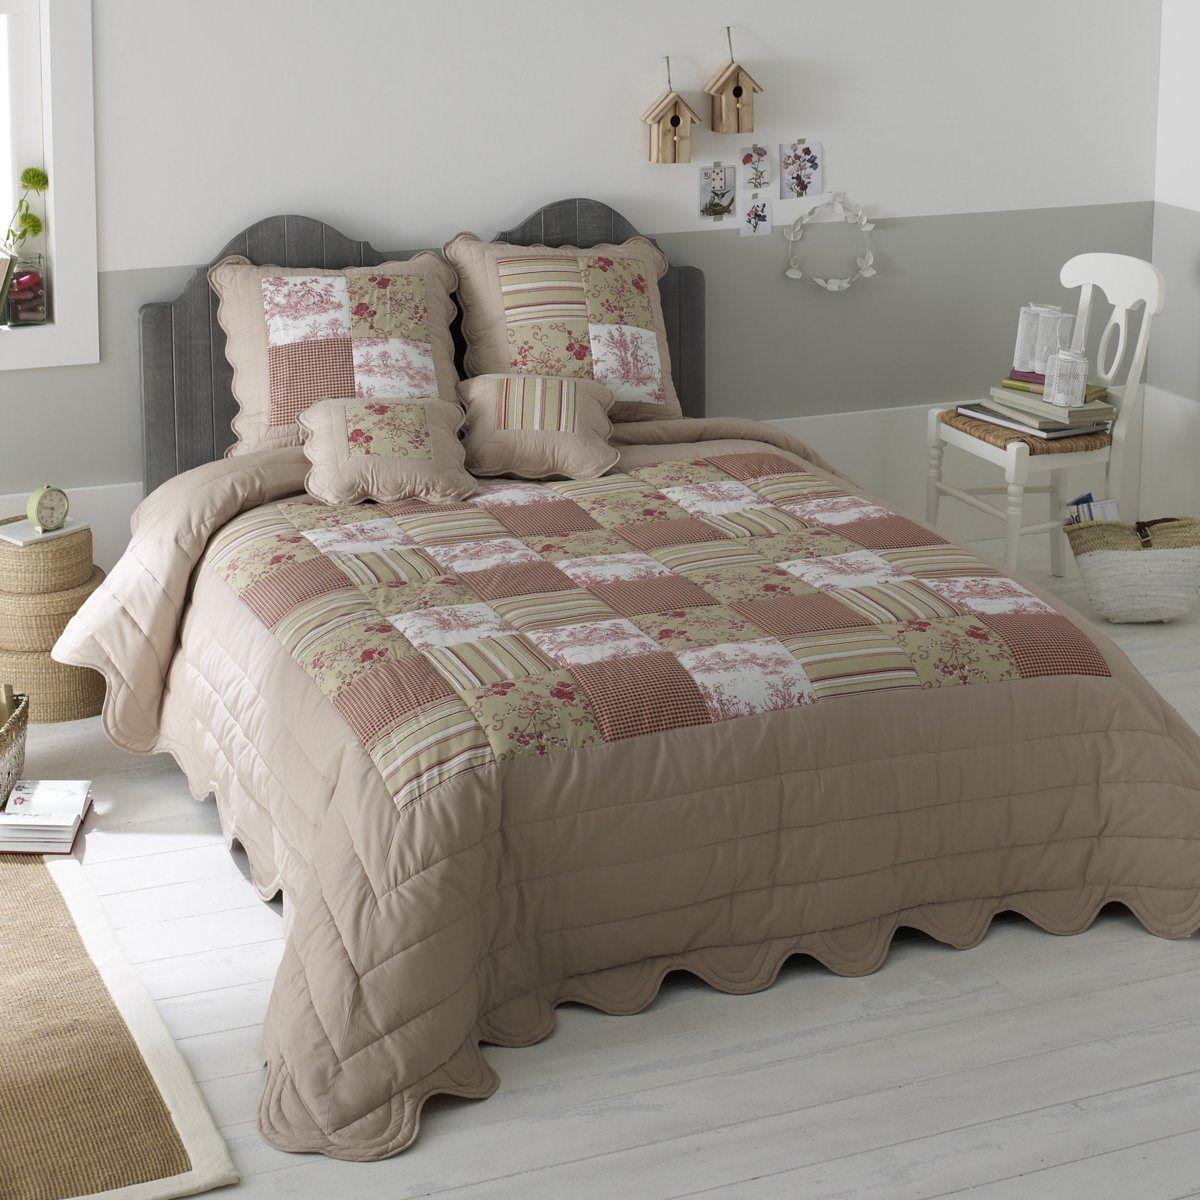 couvre lit patchwork laredoute d co pinterest couvre lit patchwork couvre lit et couvre. Black Bedroom Furniture Sets. Home Design Ideas